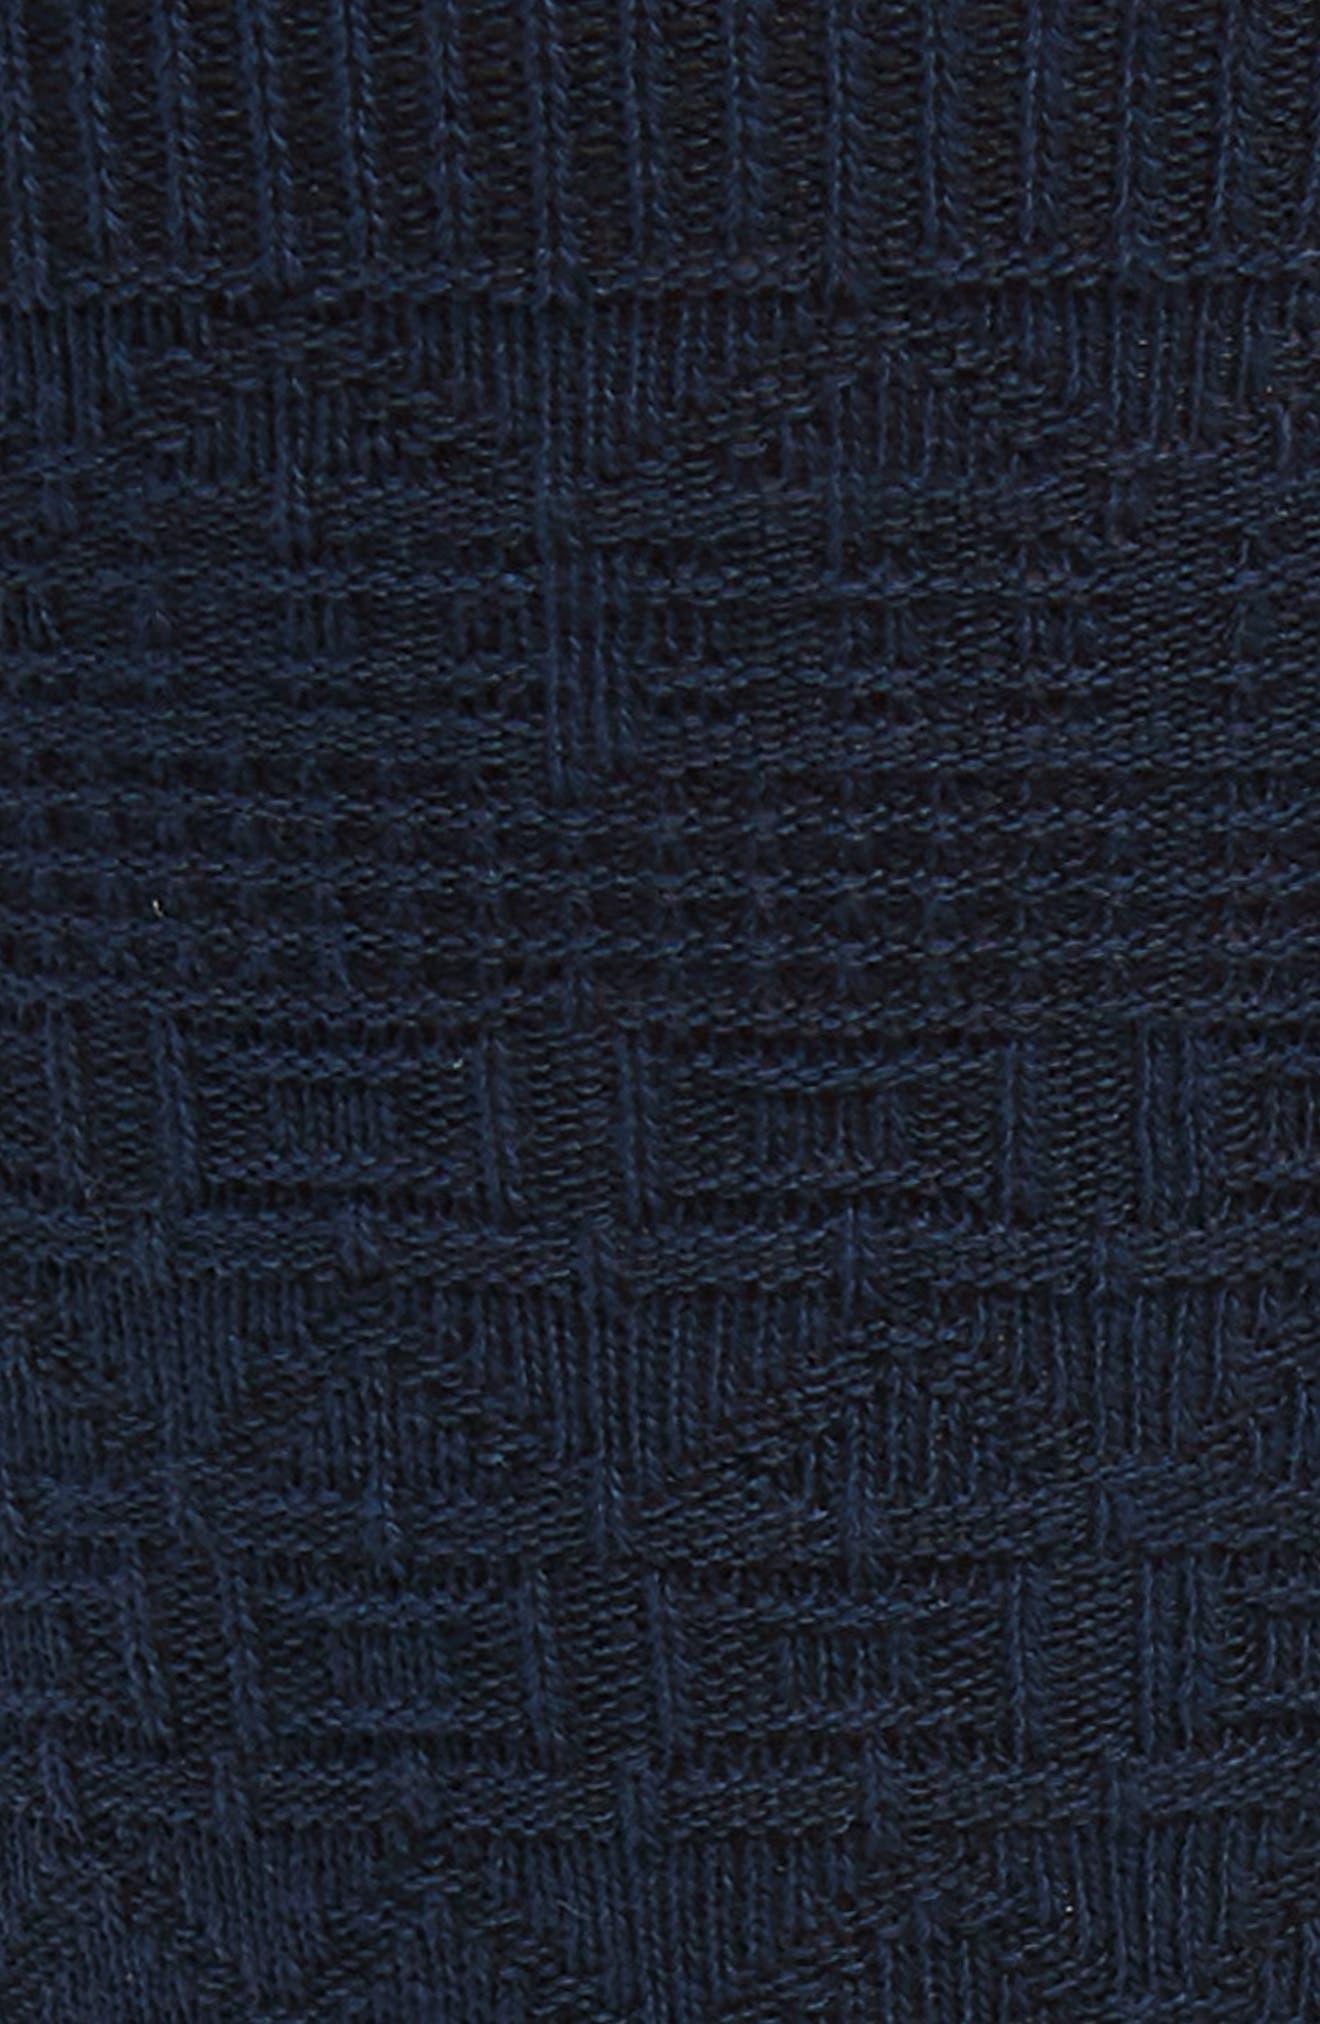 TED BAKER LONDON, Textured Socks, Alternate thumbnail 2, color, NAVY